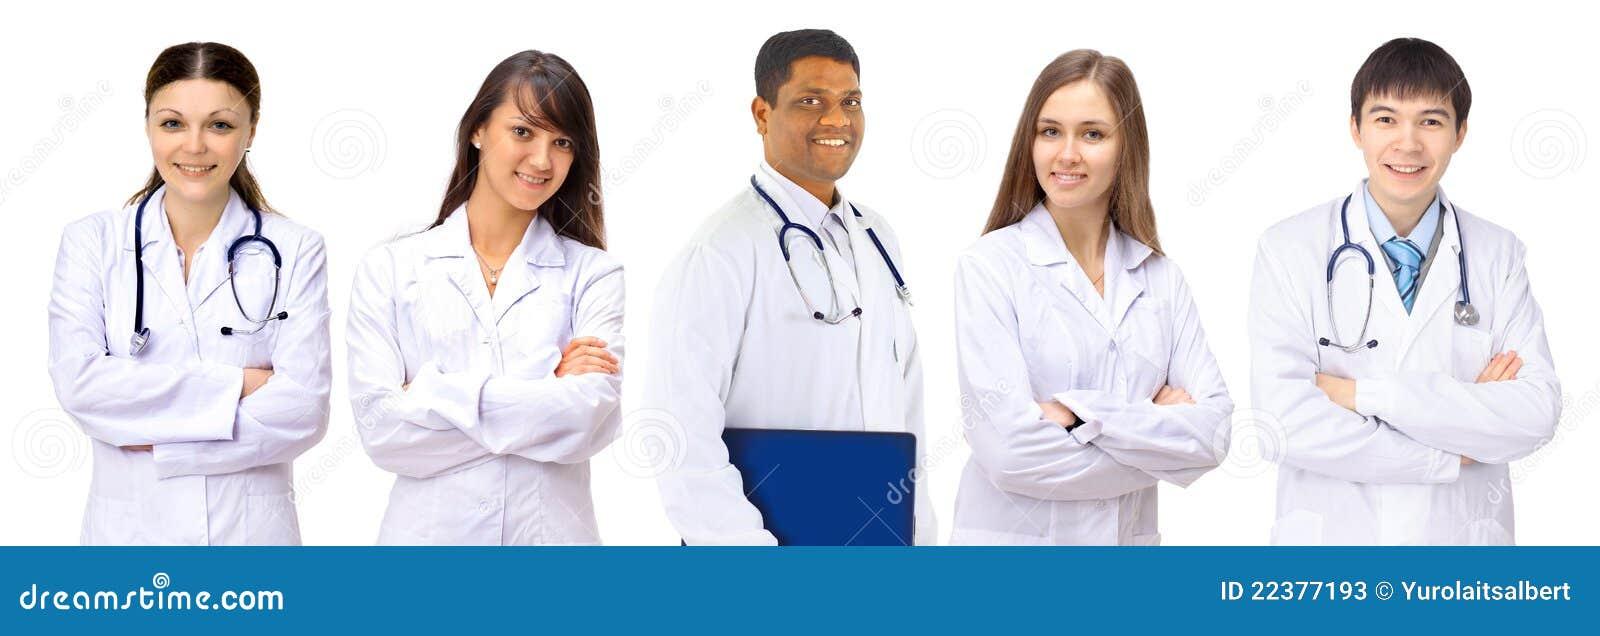 Μια ομάδα καλών γιατρών.